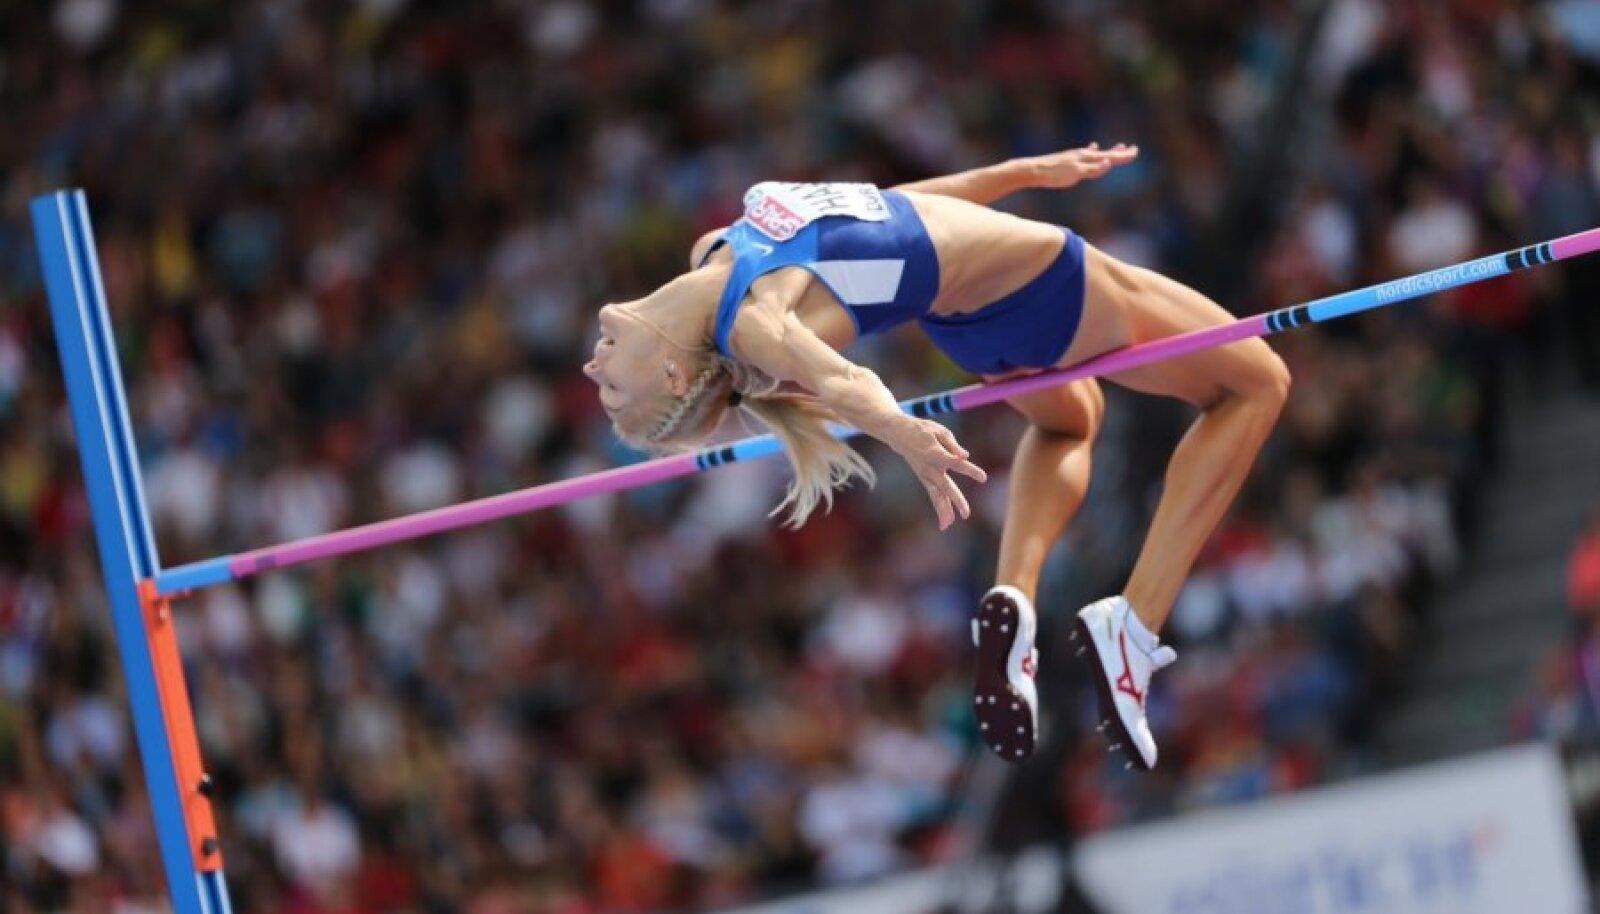 Eleriin Haas ületas EM-il kõrgushüppes kõrguse 1.94, mis on U23 vanuseklassi Eesti rekord.